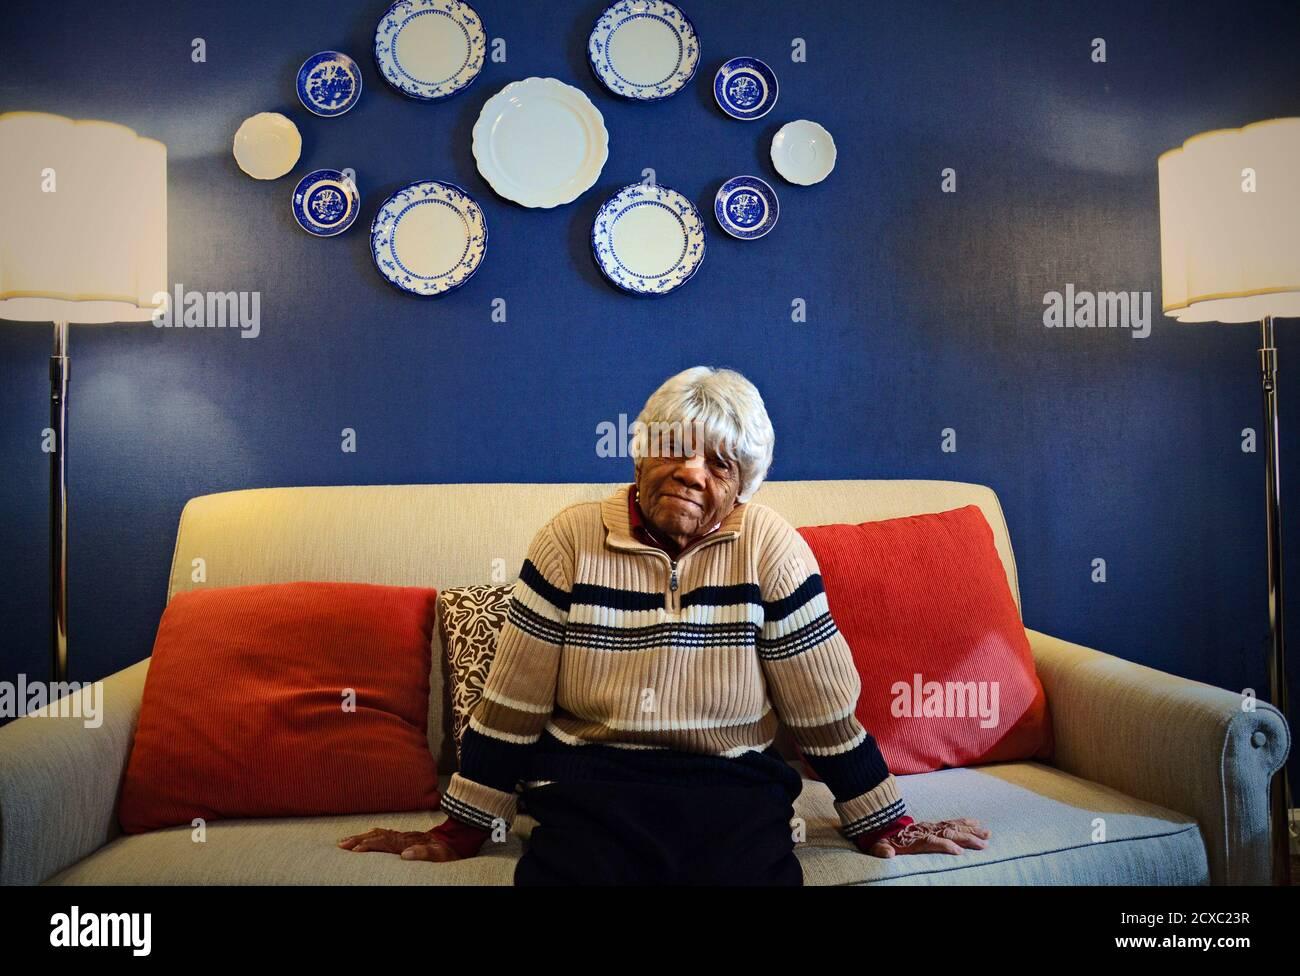 Desiline Victor stellt in einem Hotel in Washington, 12. Februar 2012. Victor möglicherweise der älteste Gast beobachten die Rede zur Lage der Union in Person. Die 102 Jahre alte haitianische Einwanderer aus Florida wartete auf drei Stunden zu früh für den Präsidenten im späten Oktober vor gesagt, später zu die Masse zu vermeiden zurück stimmen. Victor, Staatsbürgerschaft, schließlich werfen ihre Stimmzettel und ist seitdem das Gesicht der Reform abstimmen. REUTERS/Paul Grant (Vereinigte Staaten - Tags: Gesellschaft Politik Wahlen USA Präsidentschaftswahlen) Stockfoto